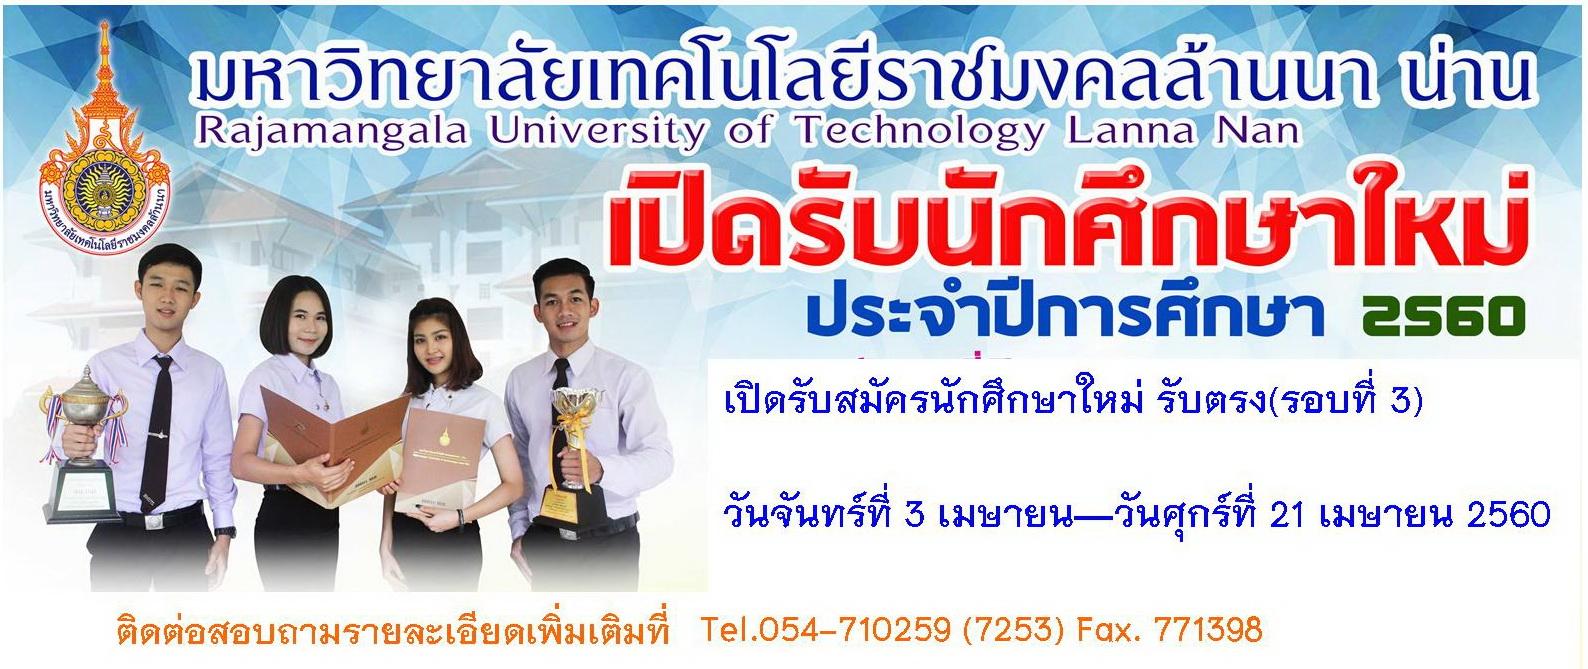 รับสมัครนักศึกษาใหม่ รับตรง ปีการศึกษา 2560